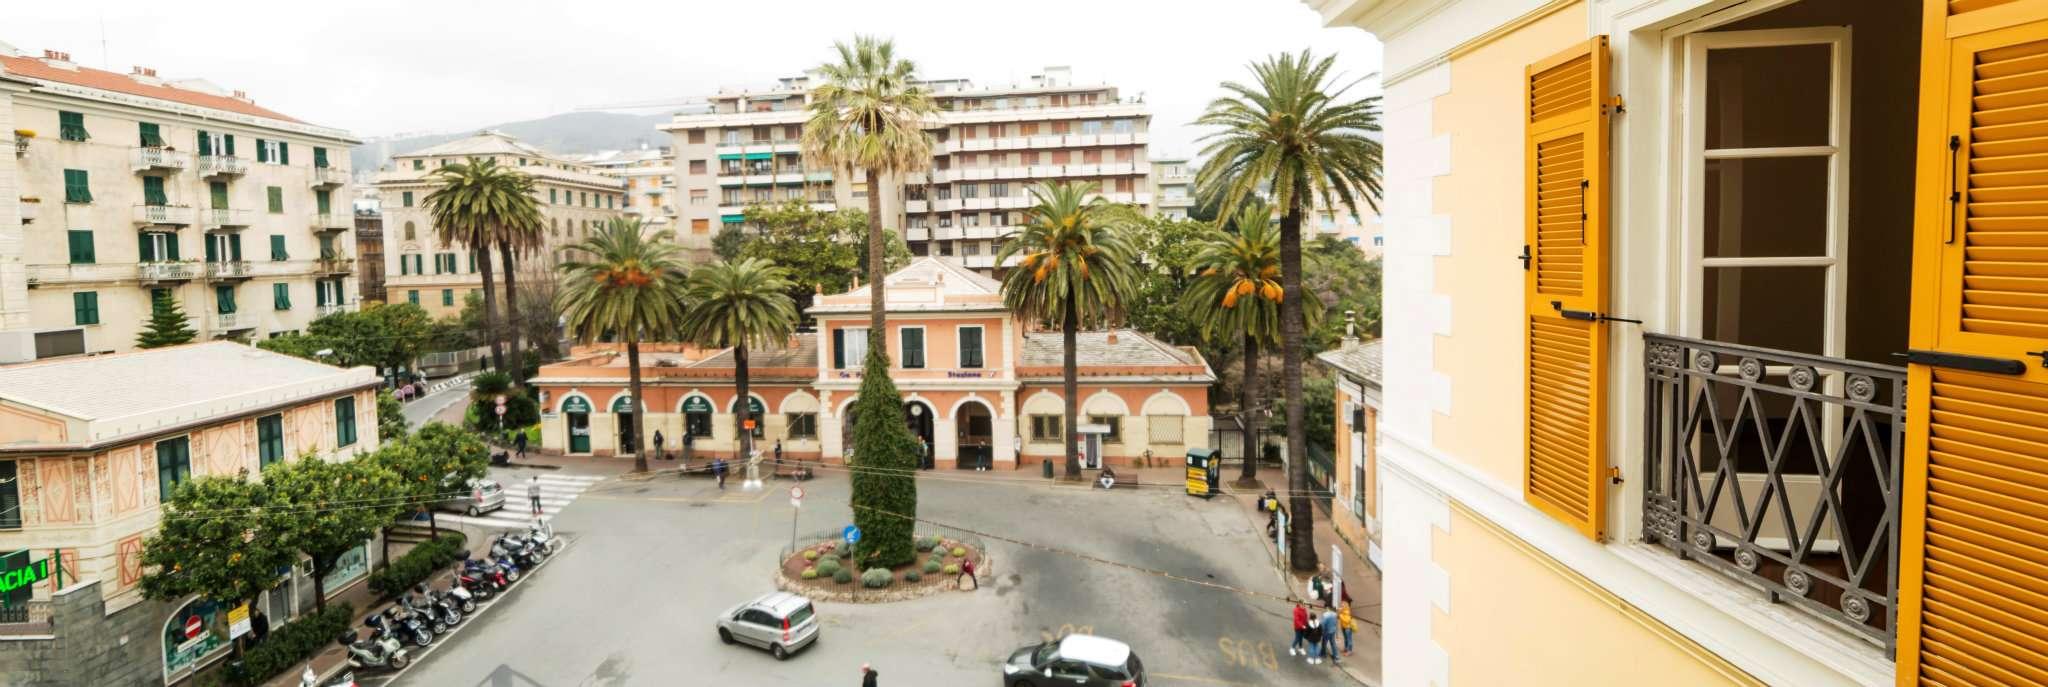 Bilocale Genova Viale Pallavicini 7